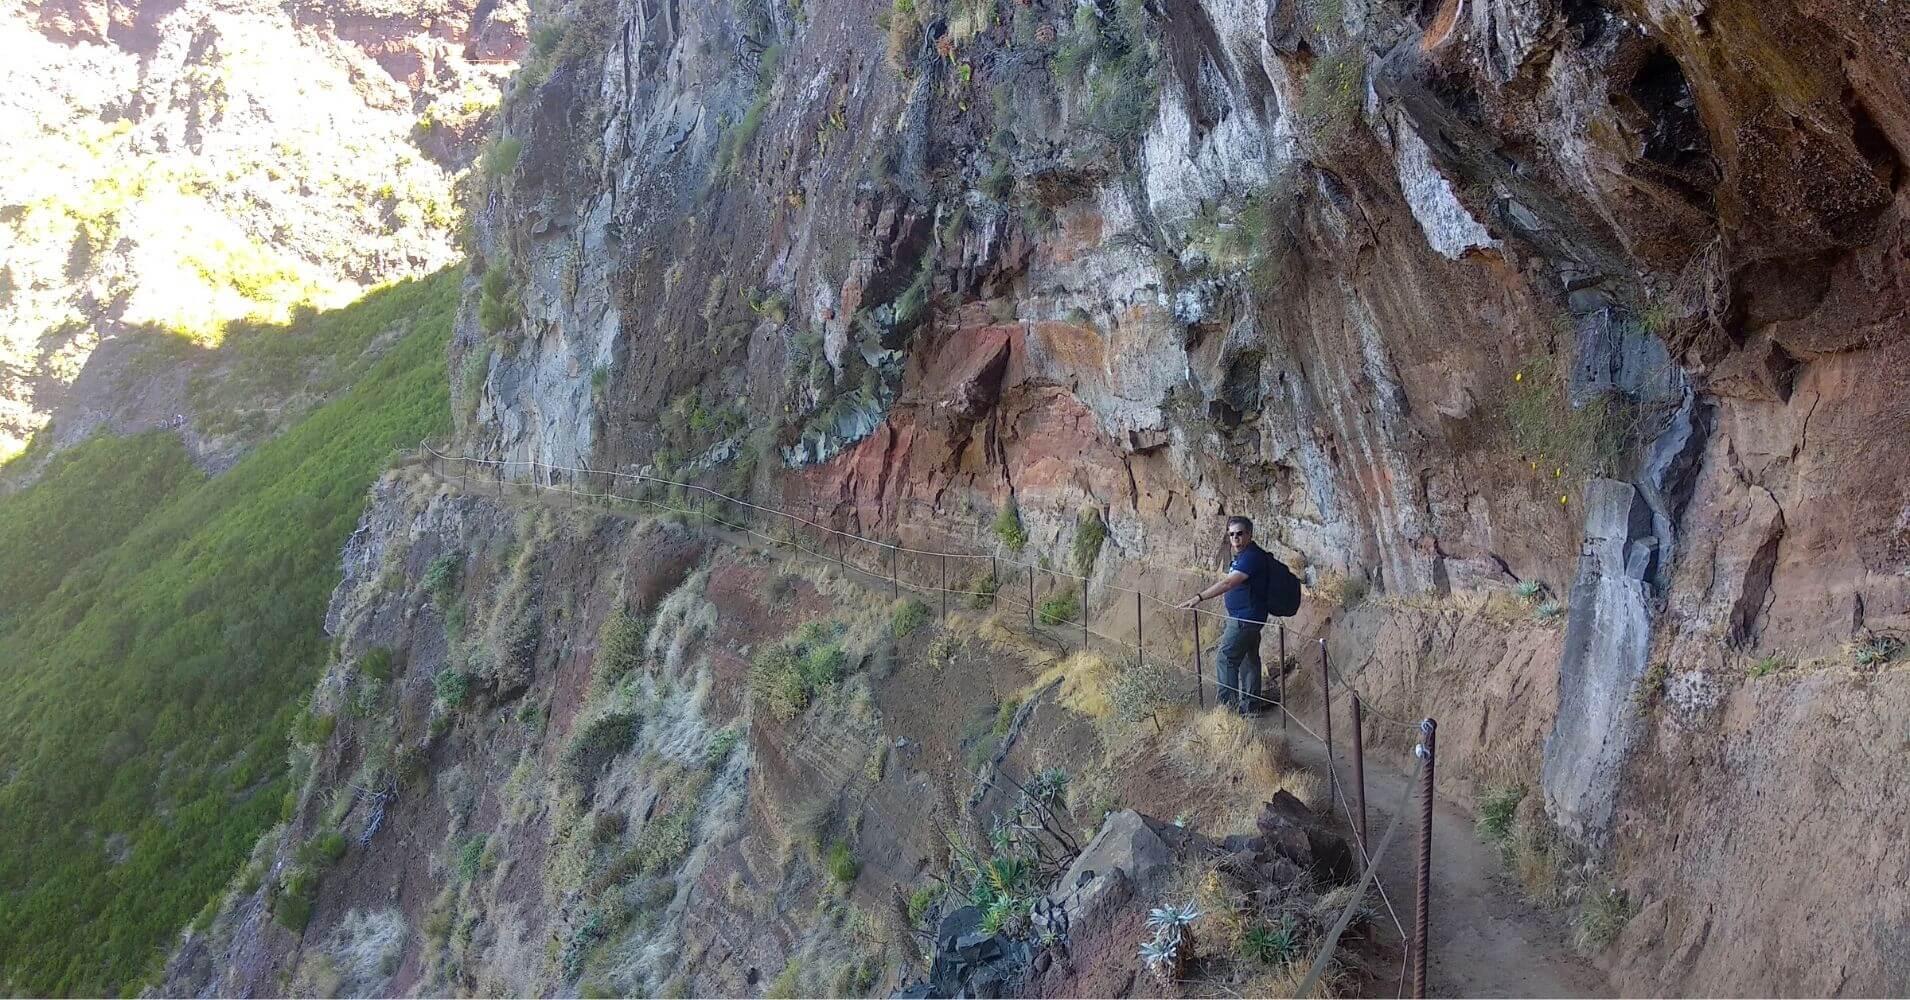 Ruta Vereda do Areeiro. Madeira, Portugal.